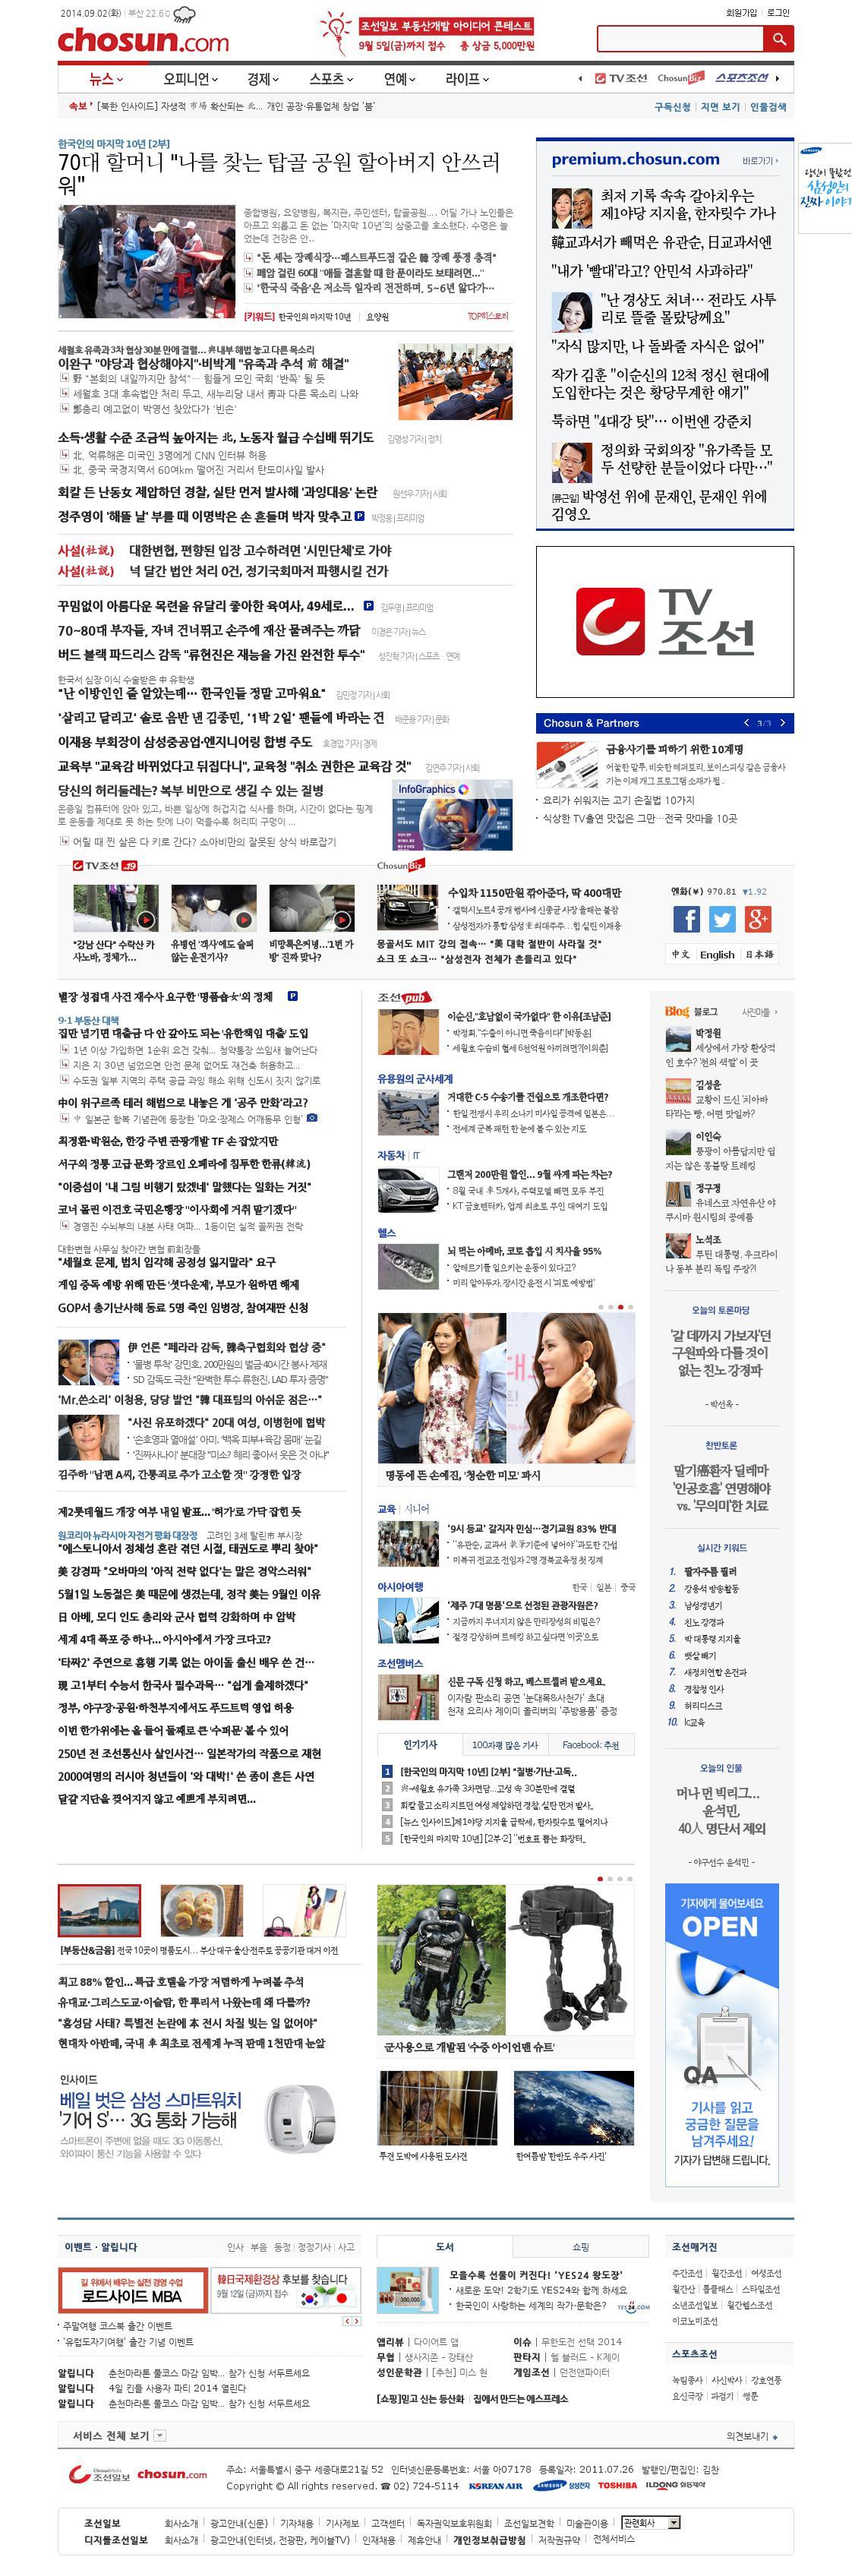 chosun.com at Tuesday Sept. 2, 2014, 12:02 a.m. UTC